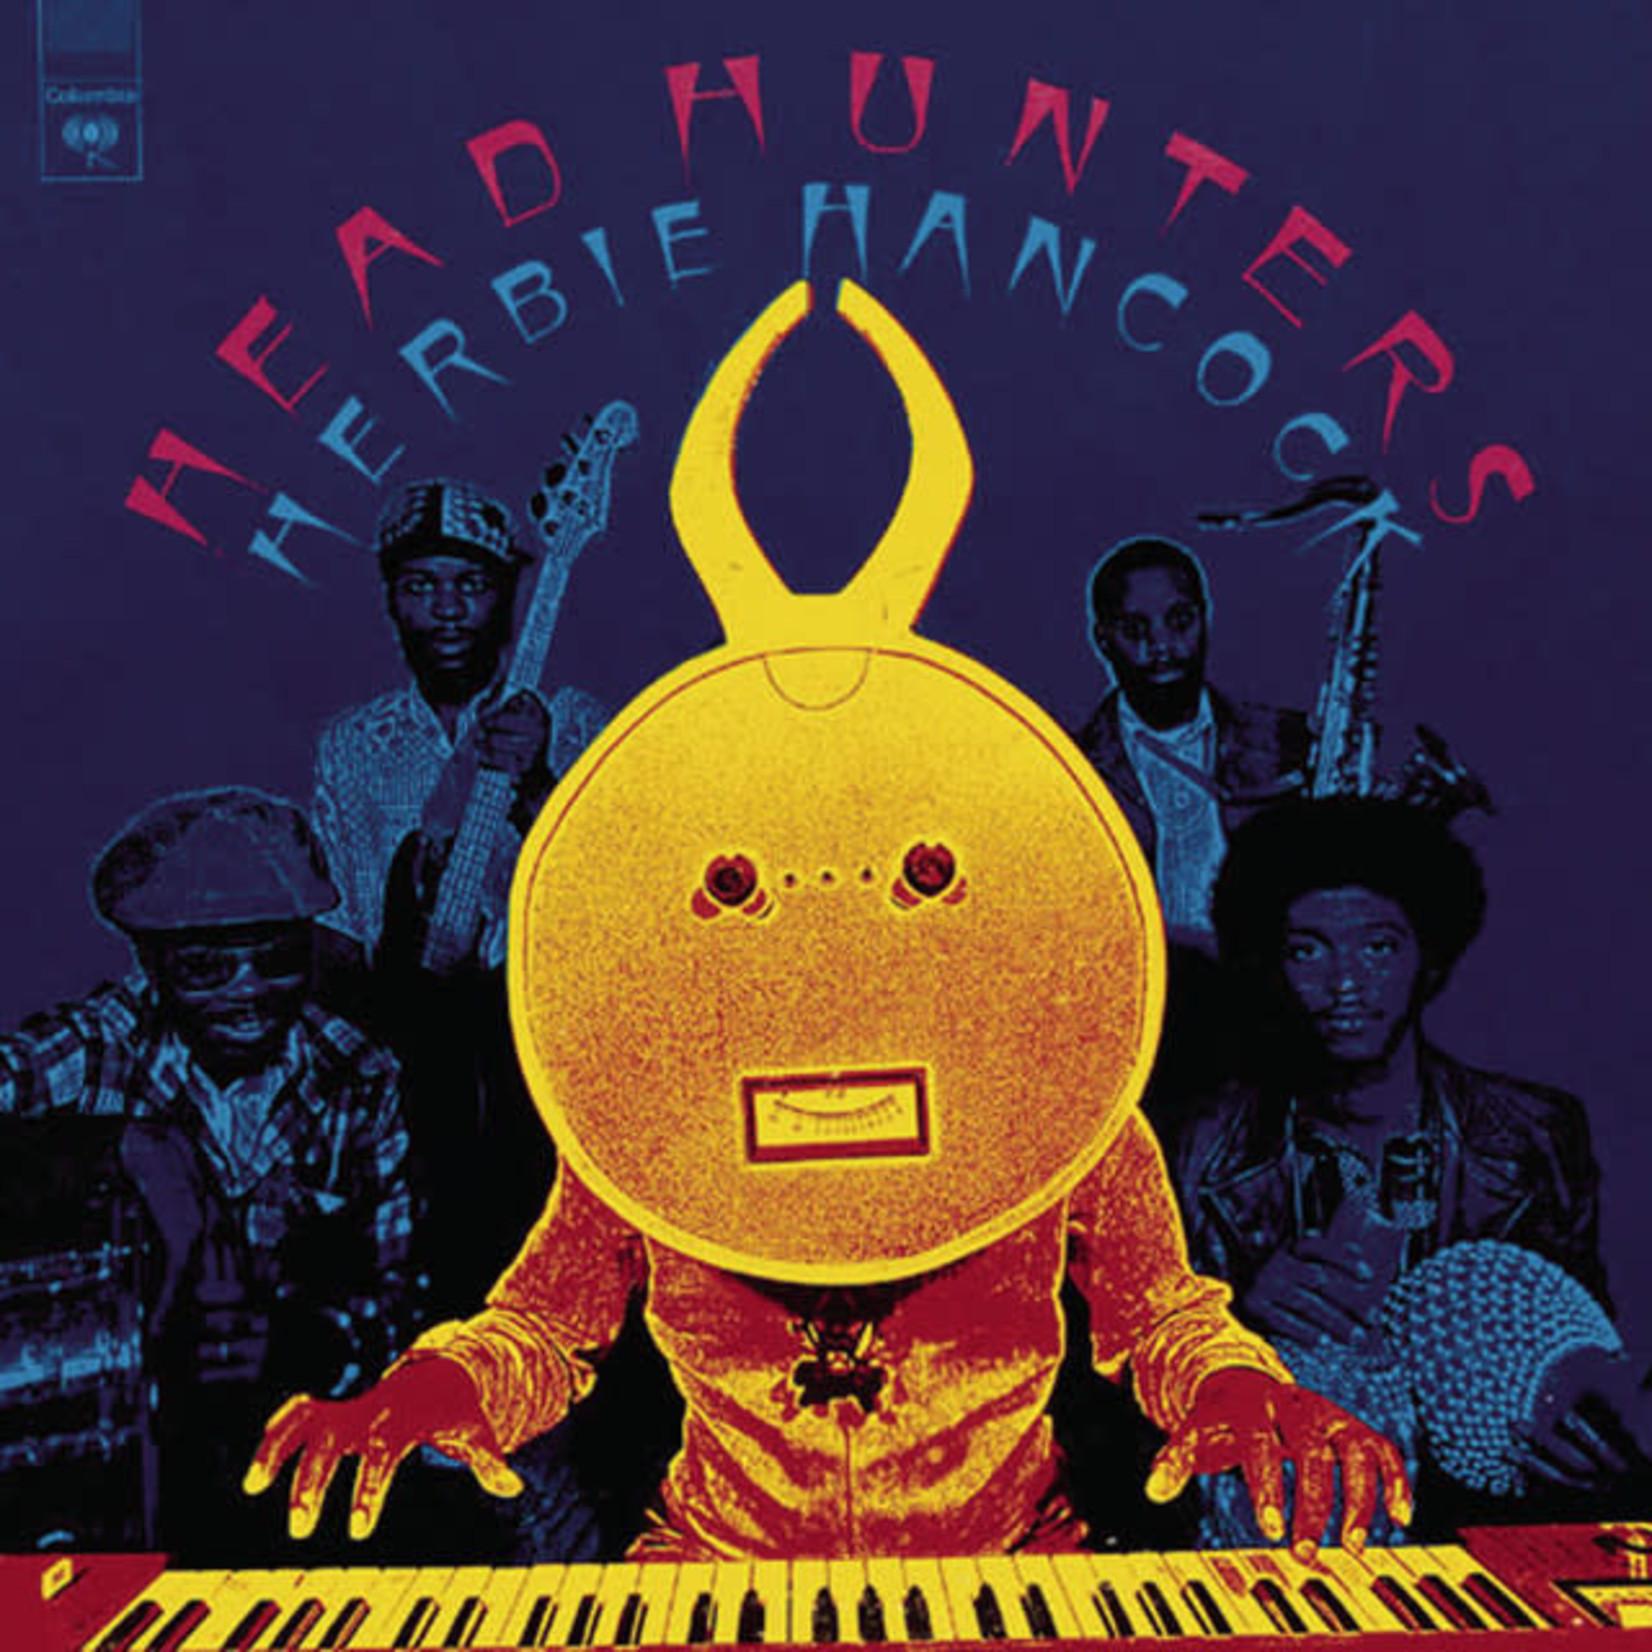 Vinyl Herbie Hancock - Headhunters